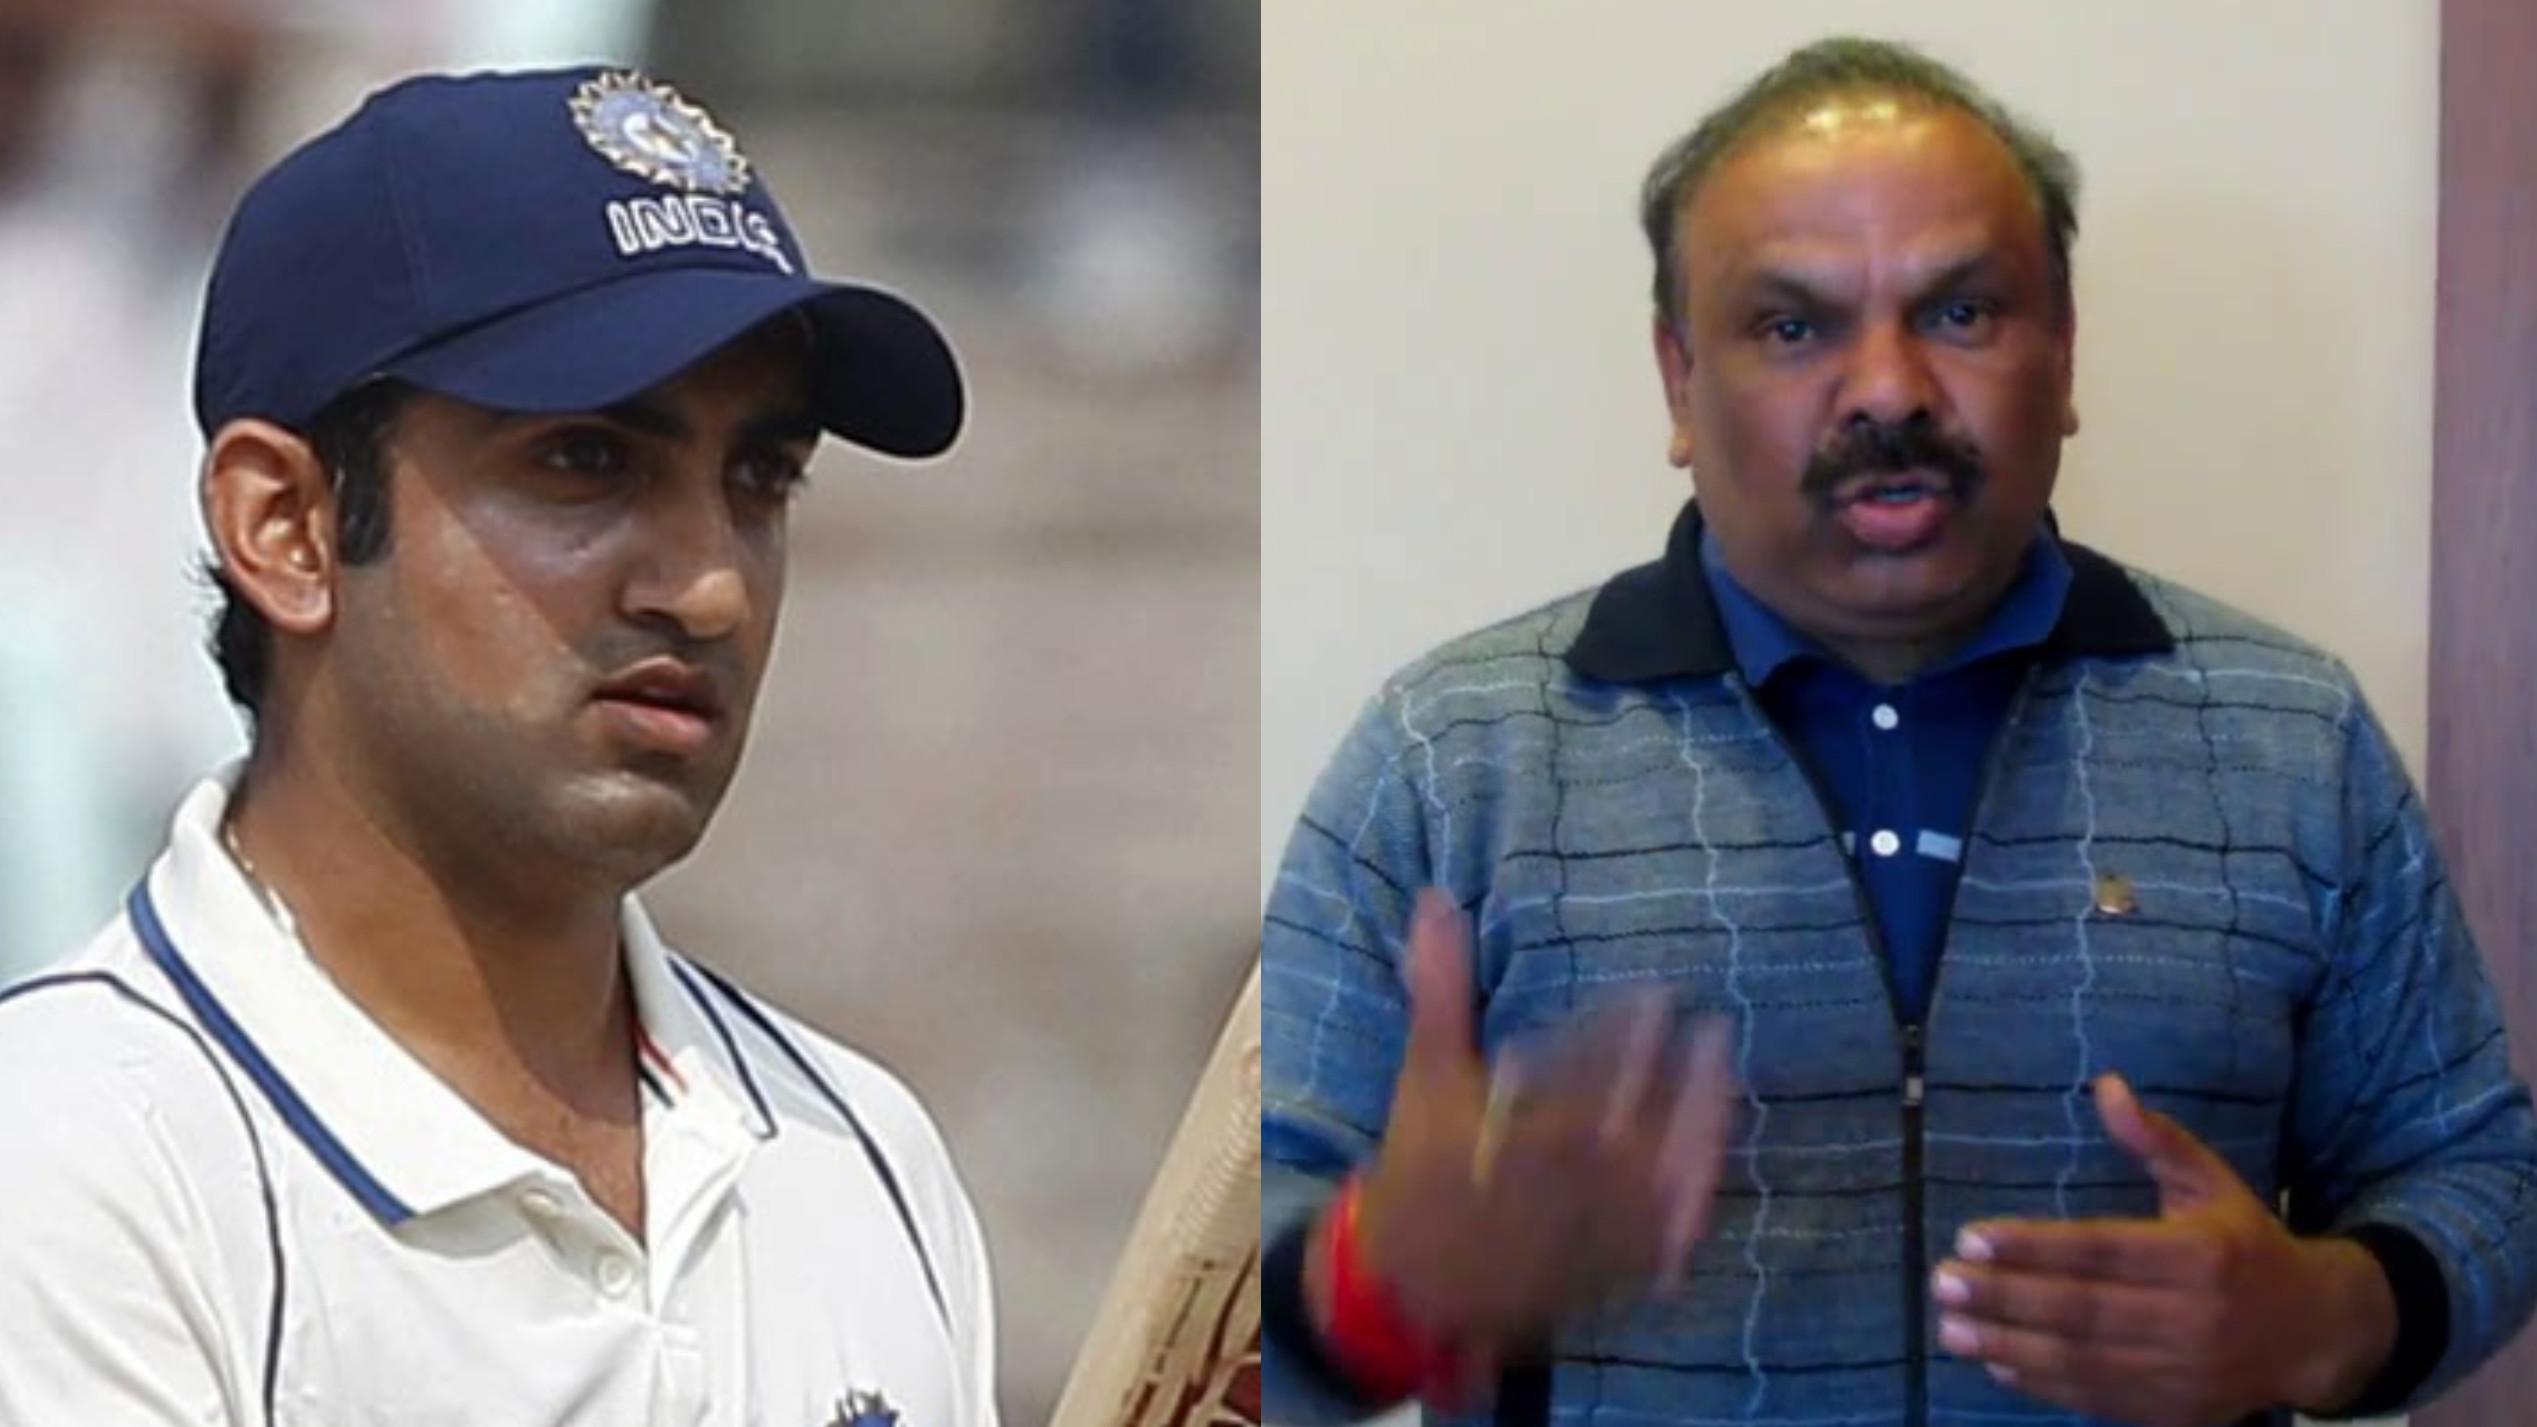 कोच संजय भारद्वाज के अनुसार गौतम गंभीर हमेशा अपने खेल के बारे में ईमानदार रहे हैं